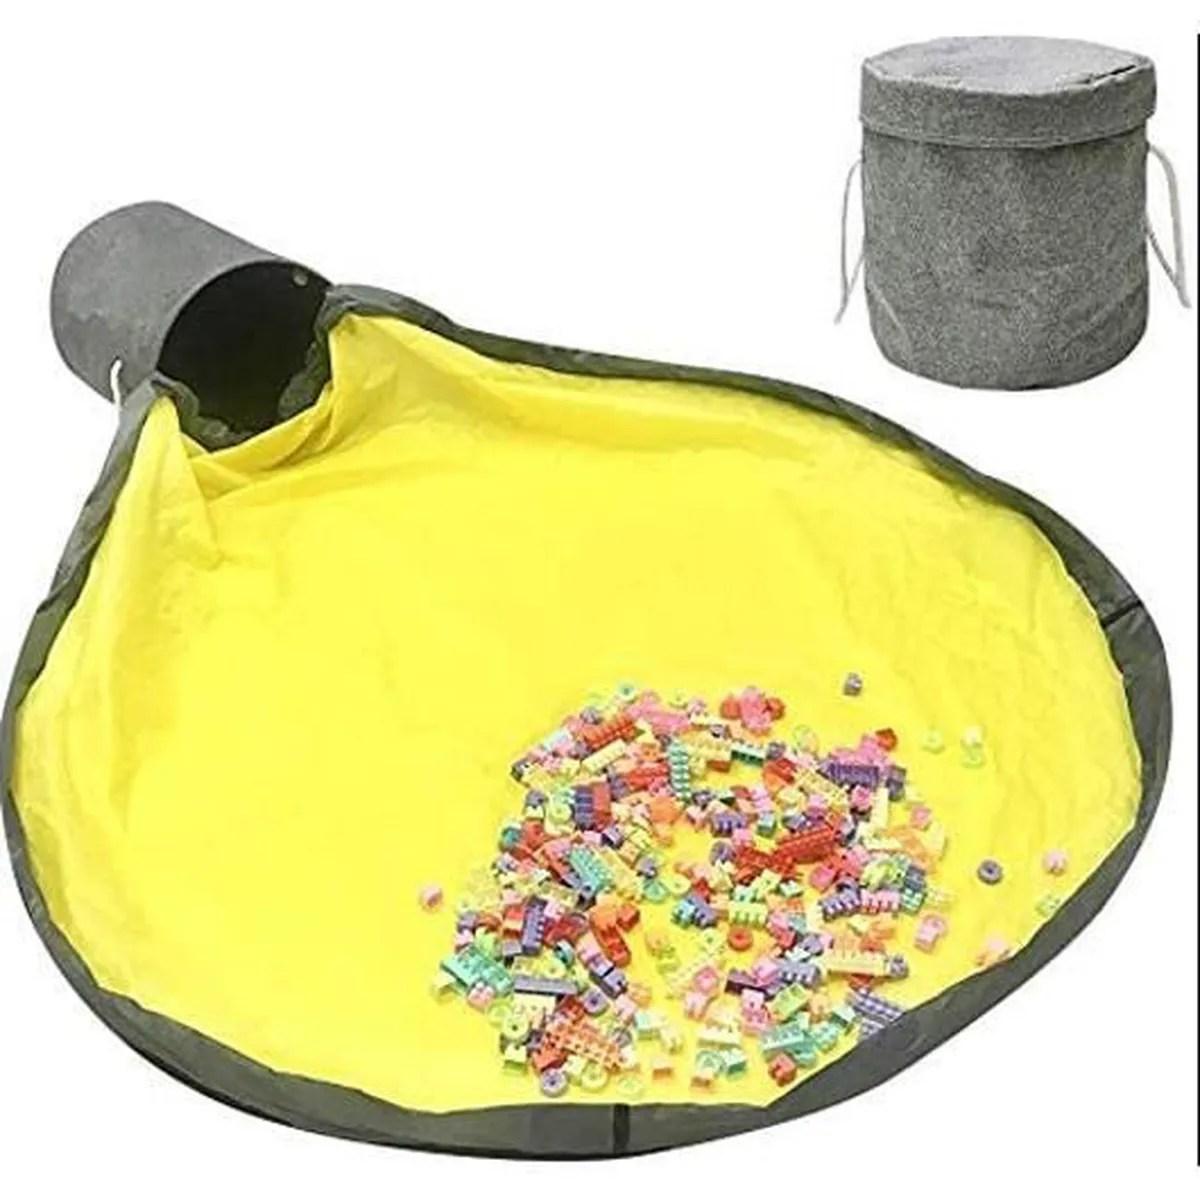 https www cdiscount com maison rangement tapis de jeu organisateur de jouets tapis de jeux f 117990302 auc2008445551307 html